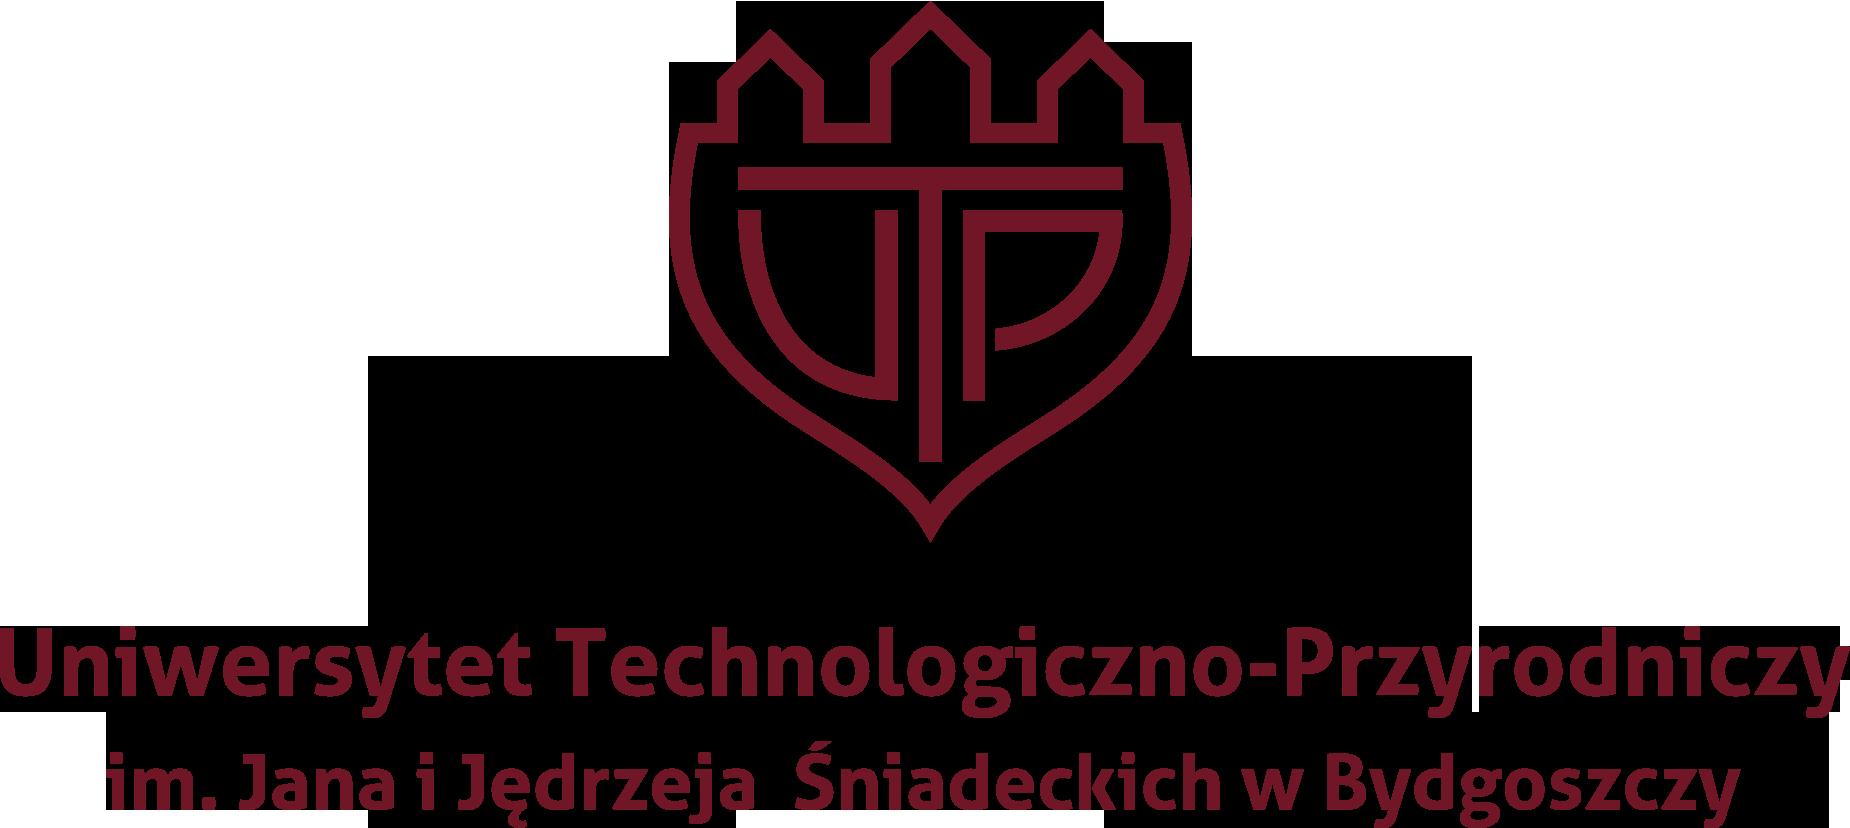 UTP - Uniwersytet Technologiczno-Przyrodniczy